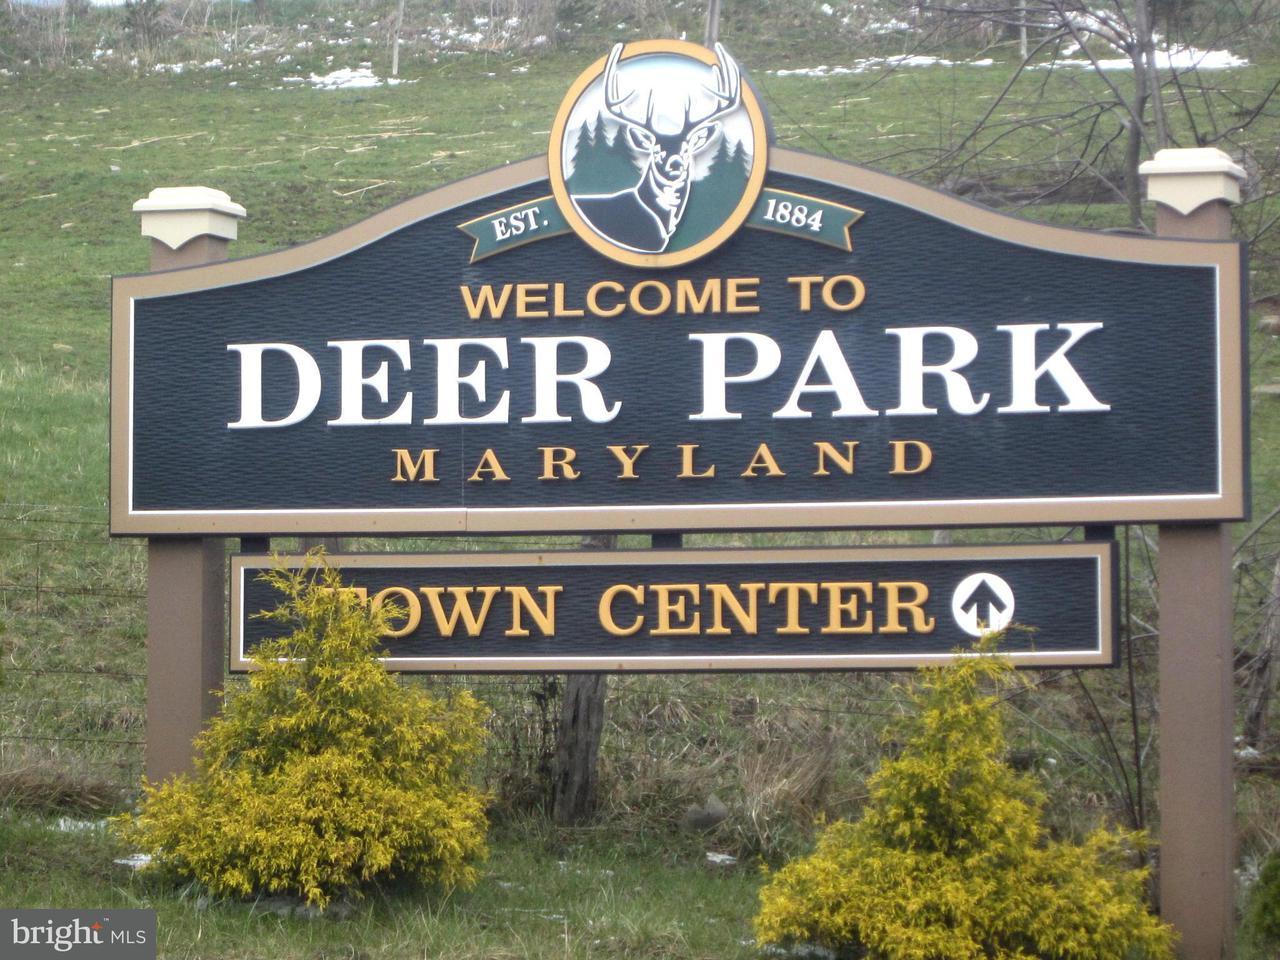 Land for Sale at Old Altamont Rd Deer Park, Maryland 21550 United States